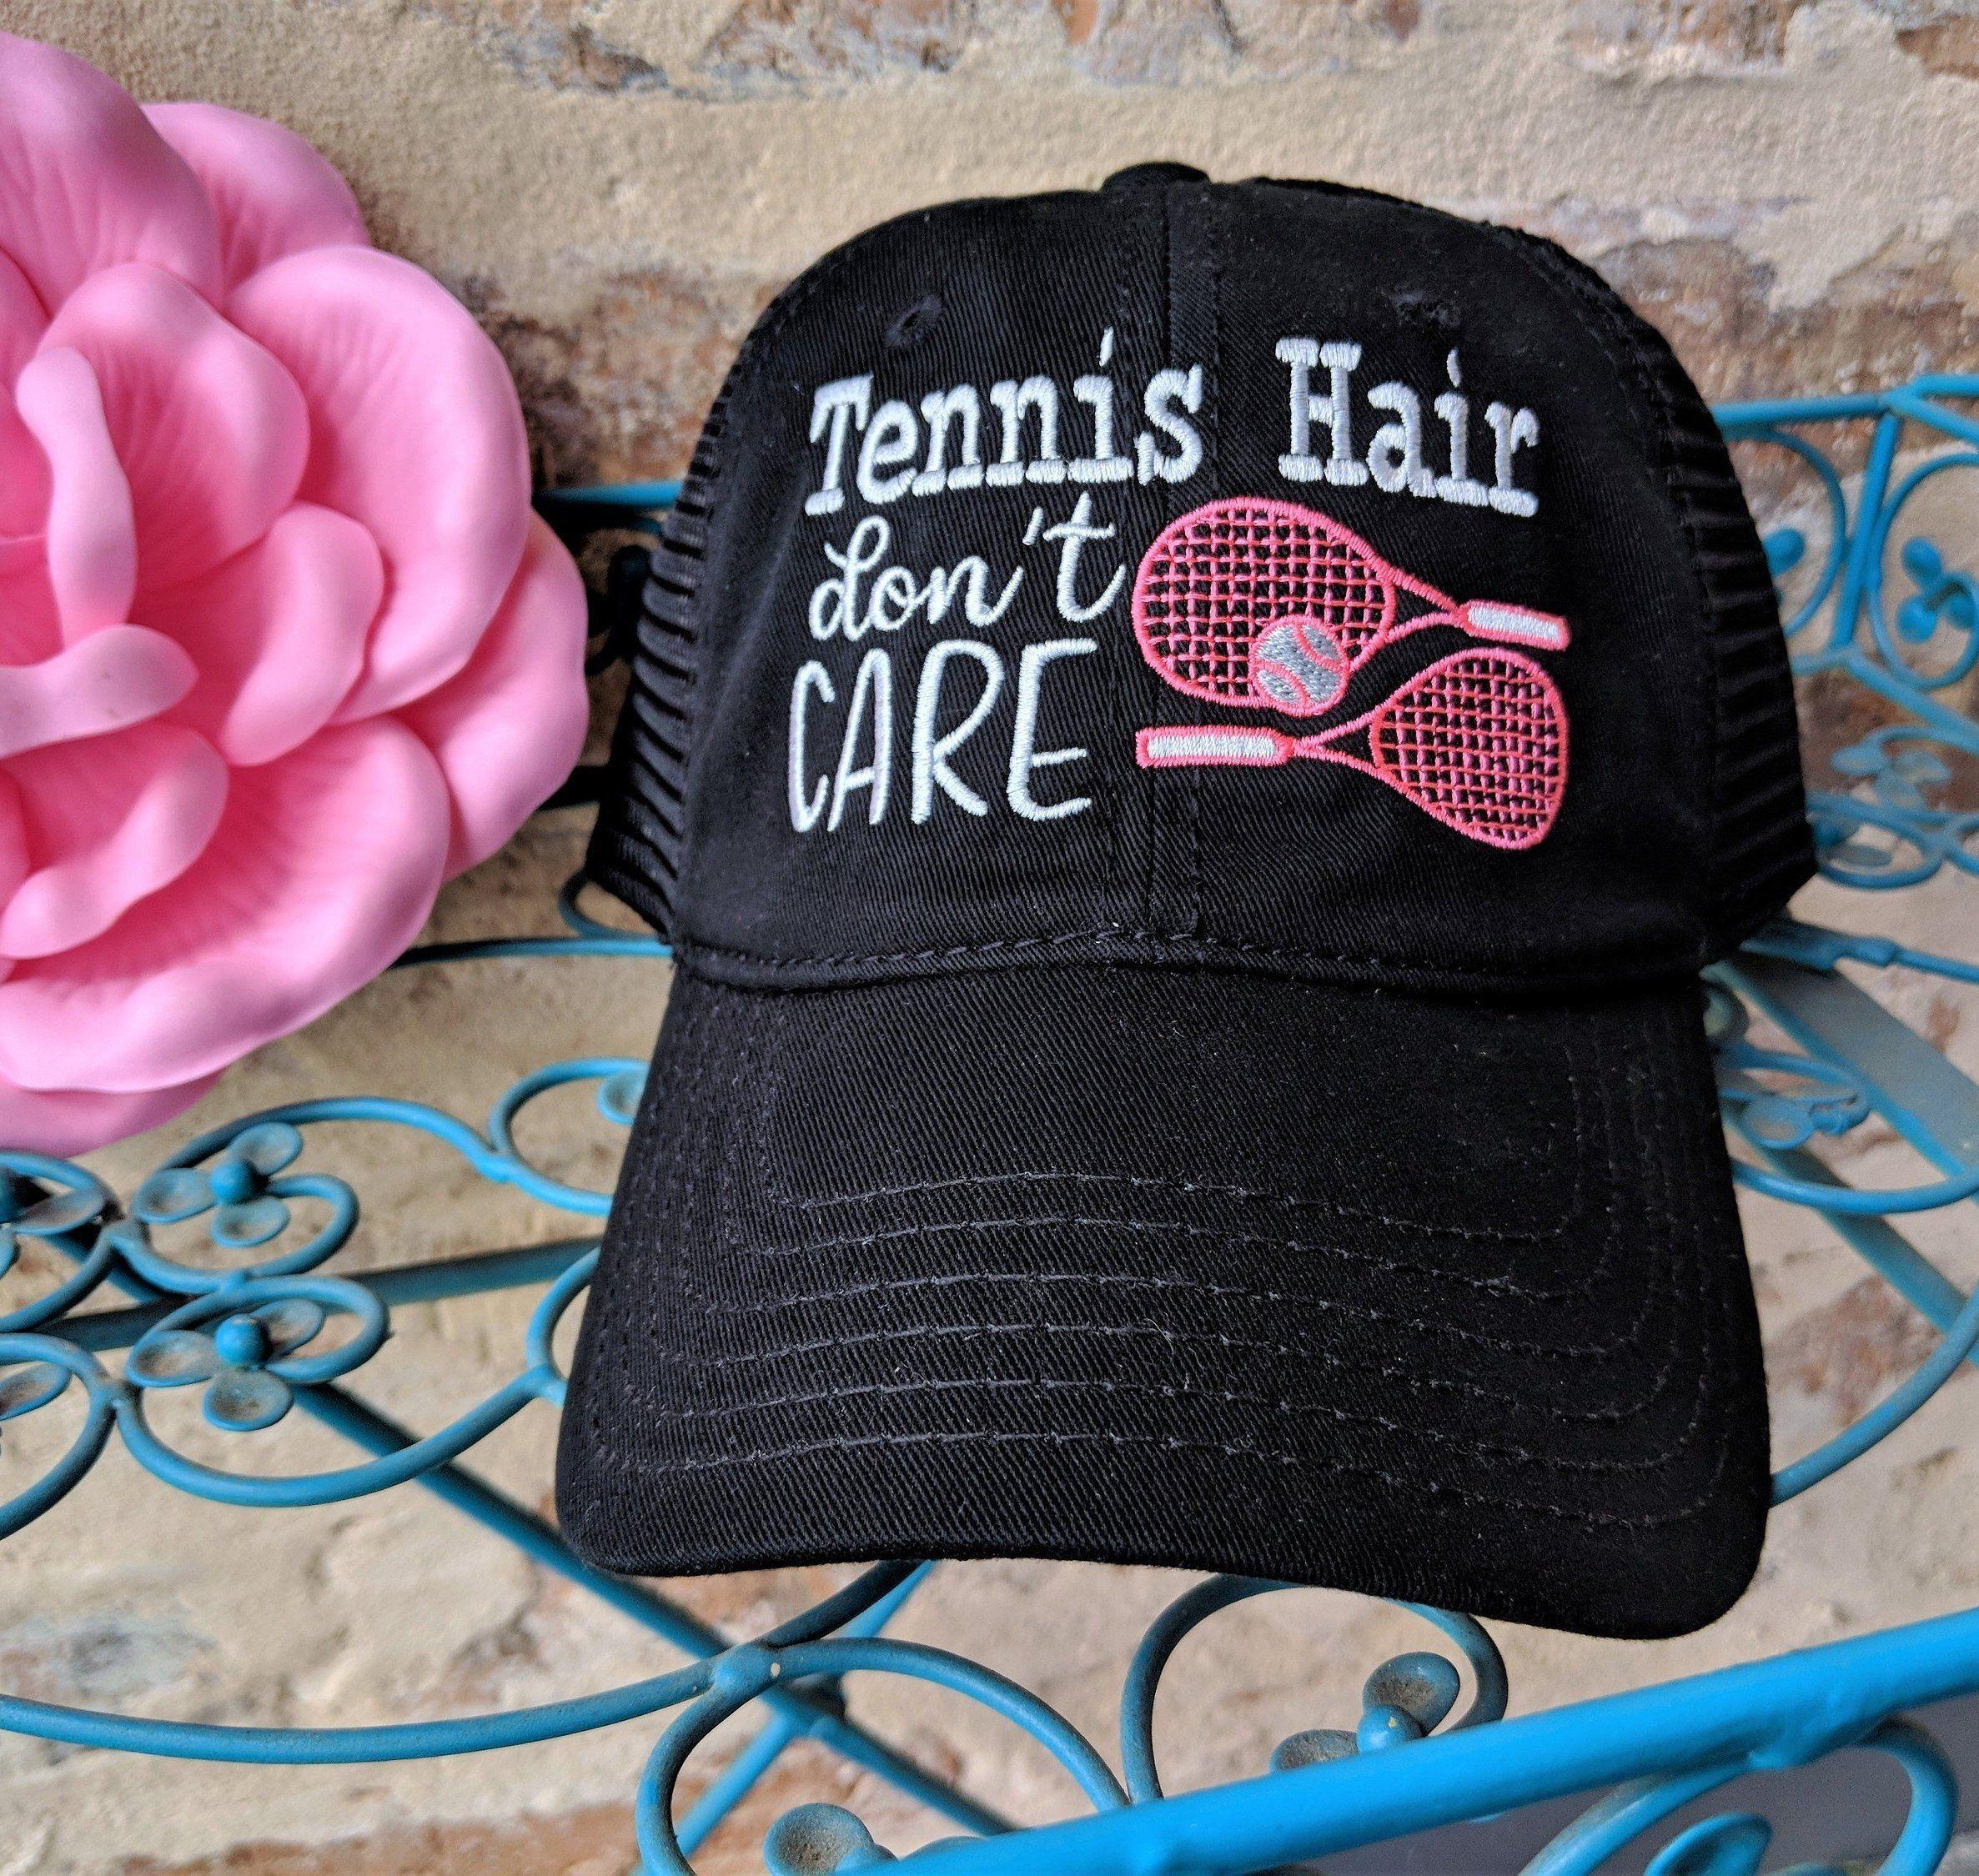 0cf9d2e9 Tennis Messy Bun Cap, Tennis high ponytail cap, Tennis hair don't care hat,  Tennis Birthday Gift, Tennis Christmas Gift, Tennis Accessories by ...